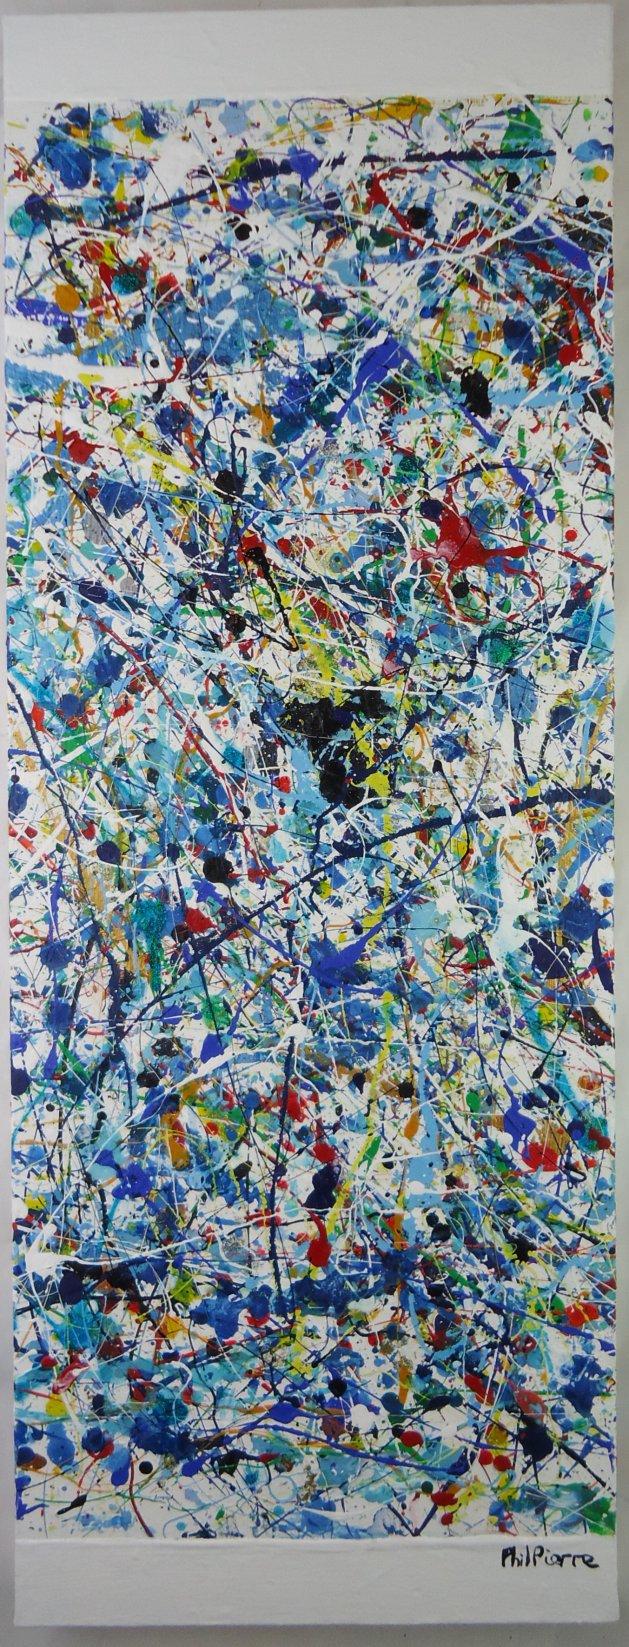 BUBBLE GUM 461. Original art by Phil Pierre